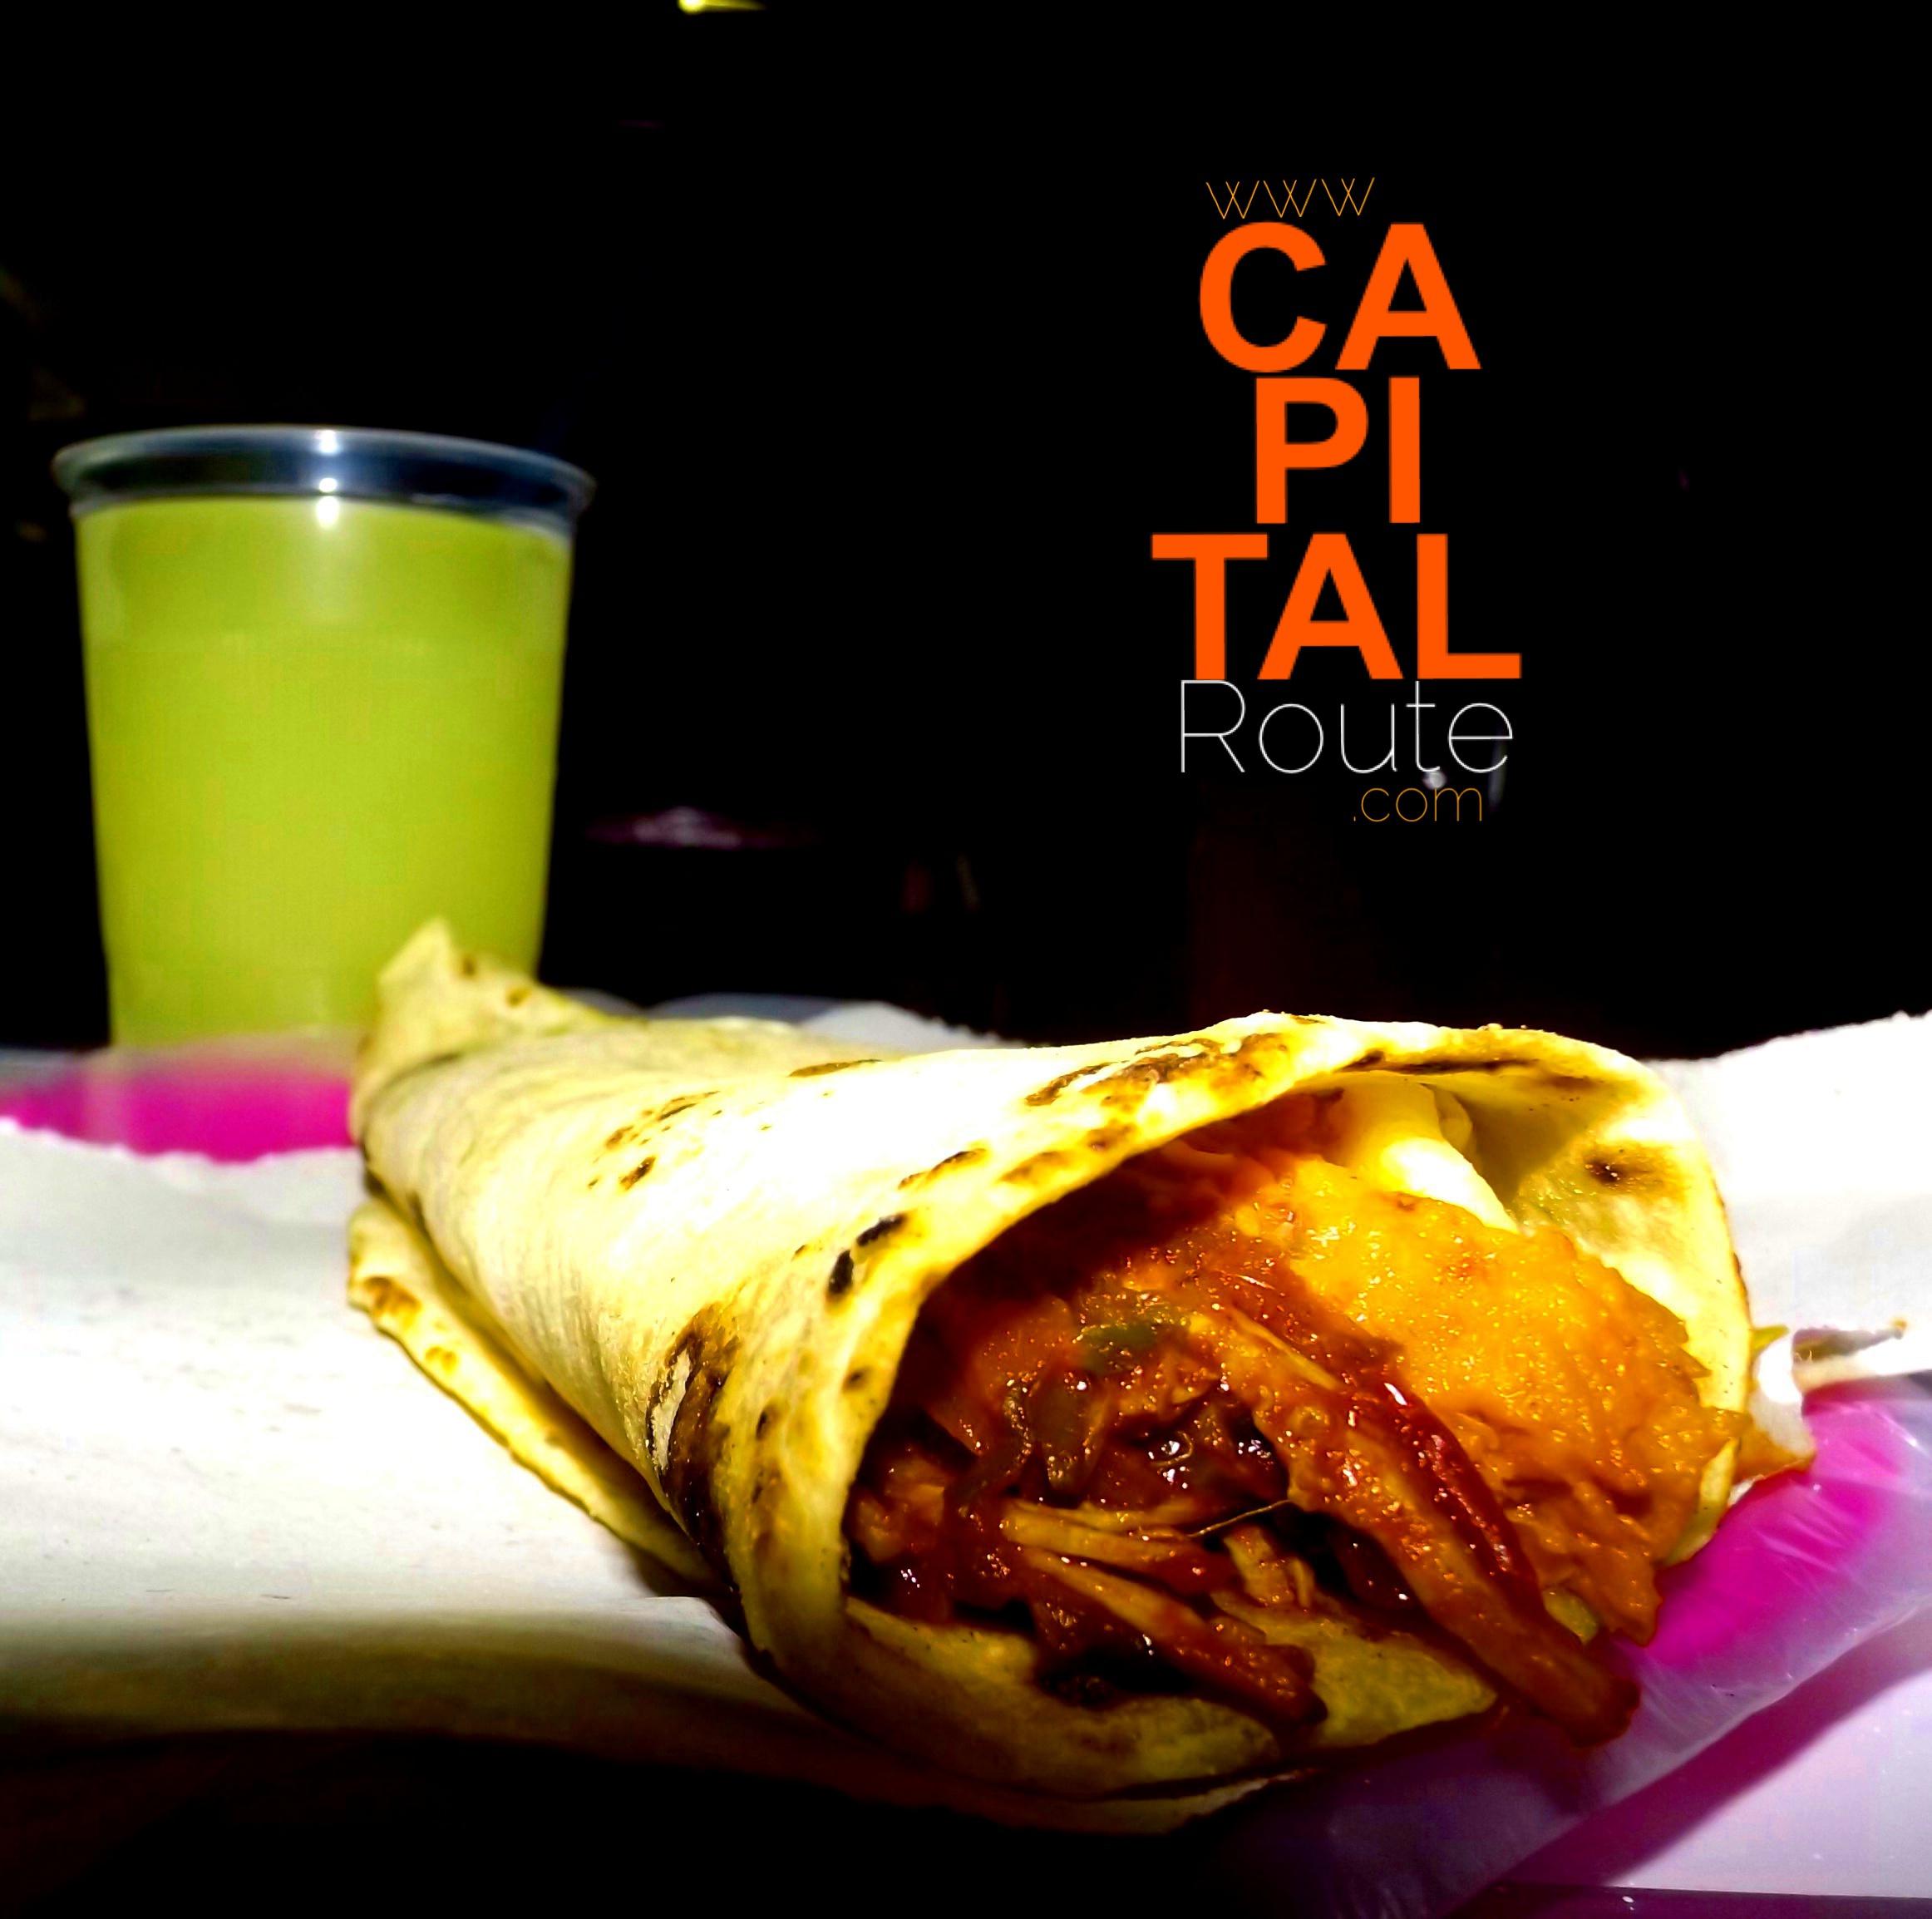 Burrito de carne deshebrada, frijol y agauacate Cenaduría El Gordo www.capitalroute.com